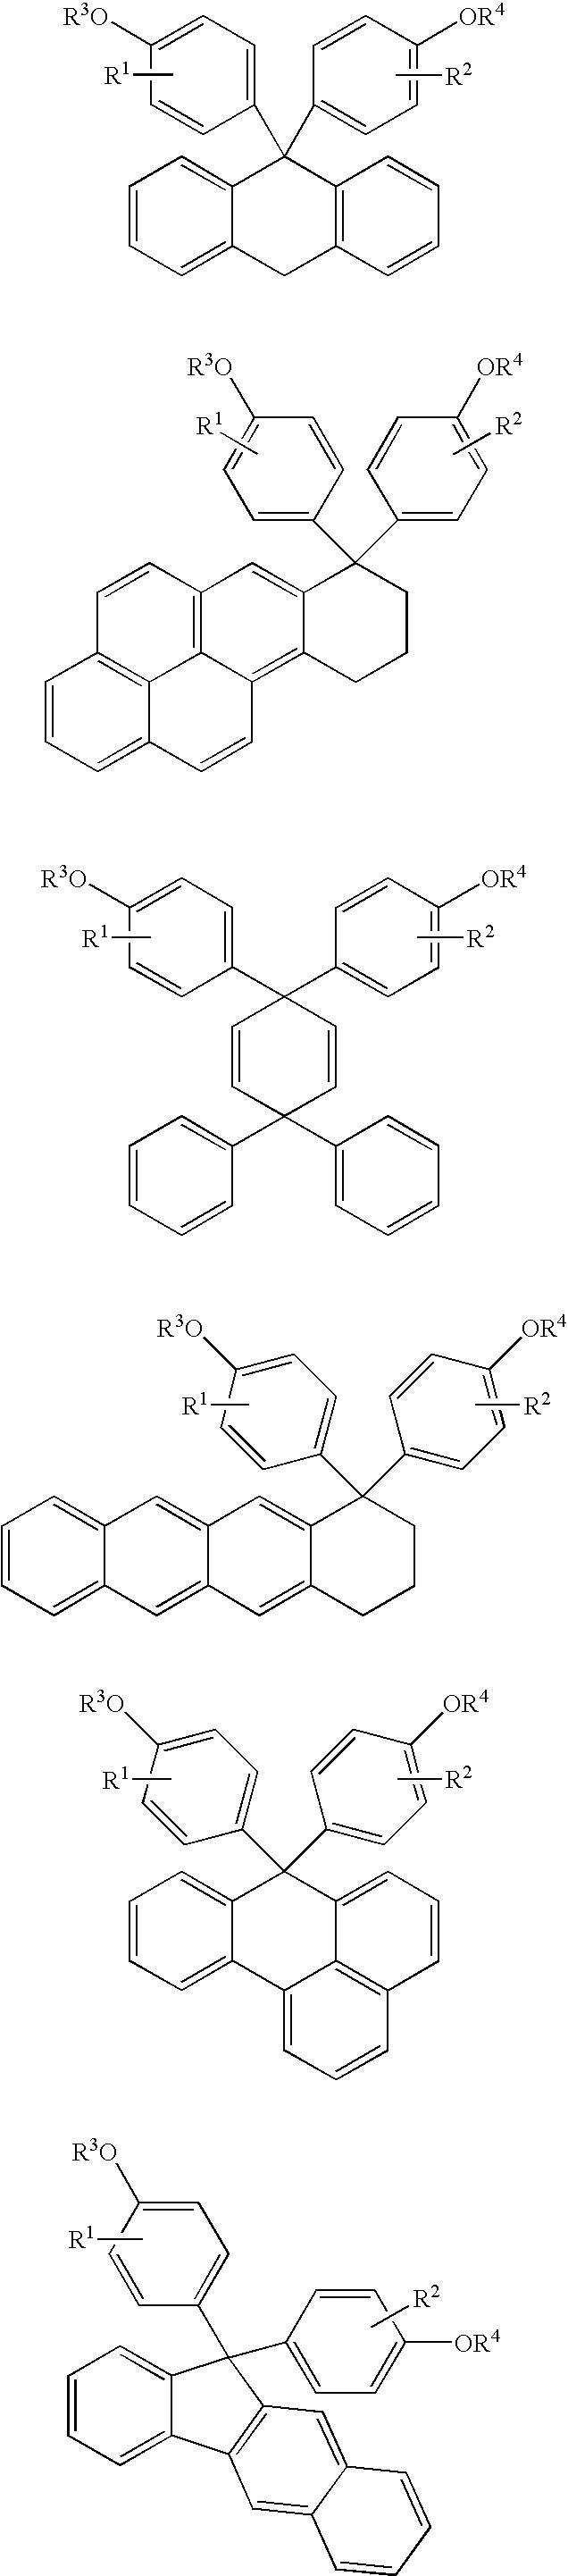 Figure US07358025-20080415-C00007